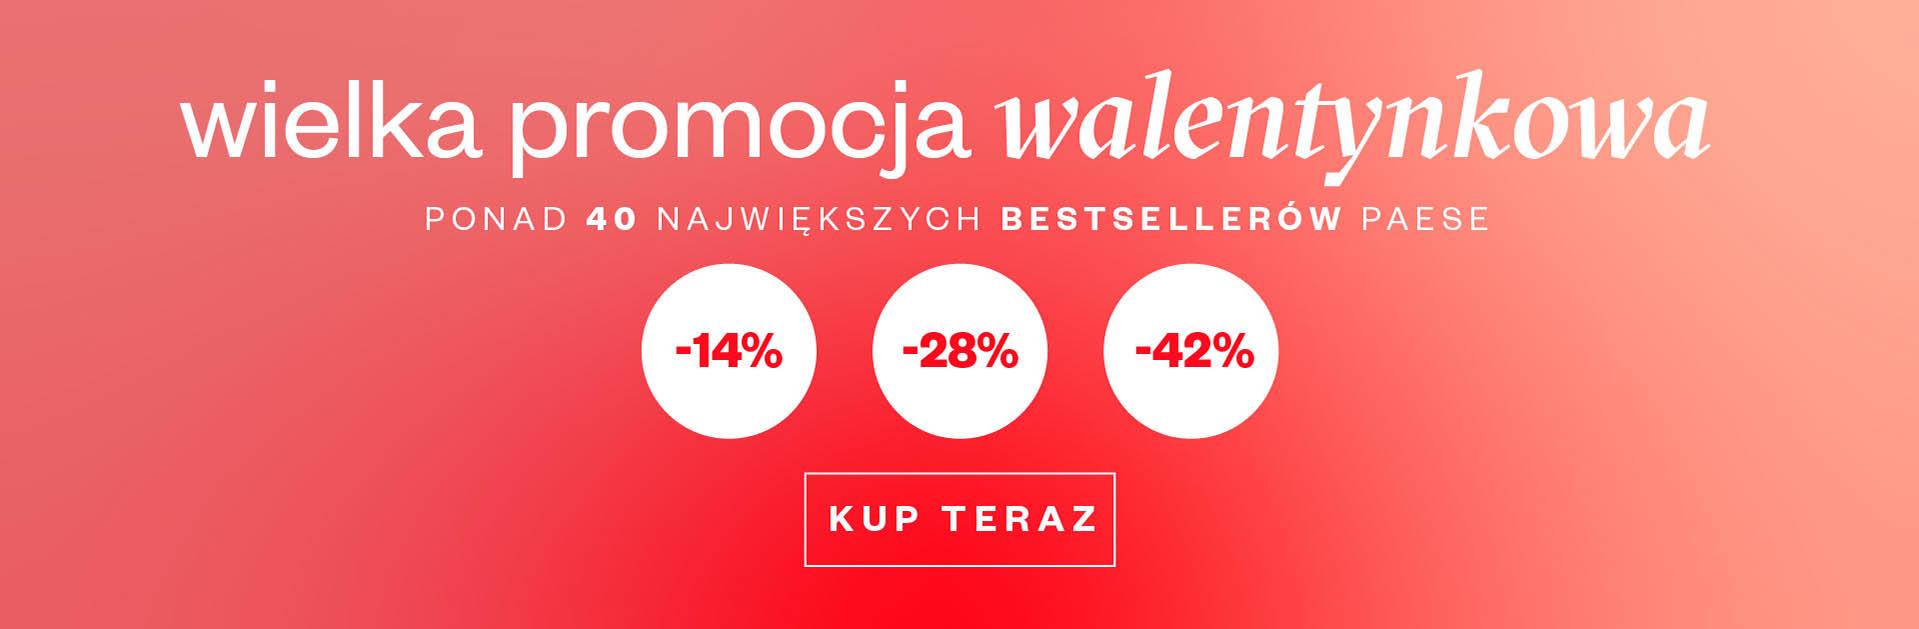 Paese: Wielka Promocja Walentynkowa do 42% zniżki na kosmetyczne bestsellery